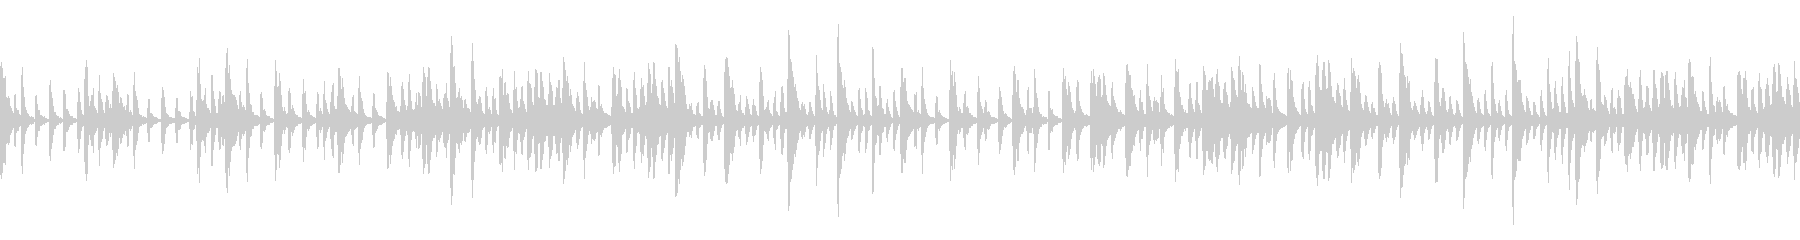 不思議な雰囲気のBGM(ループ仕様)の未再生の波形